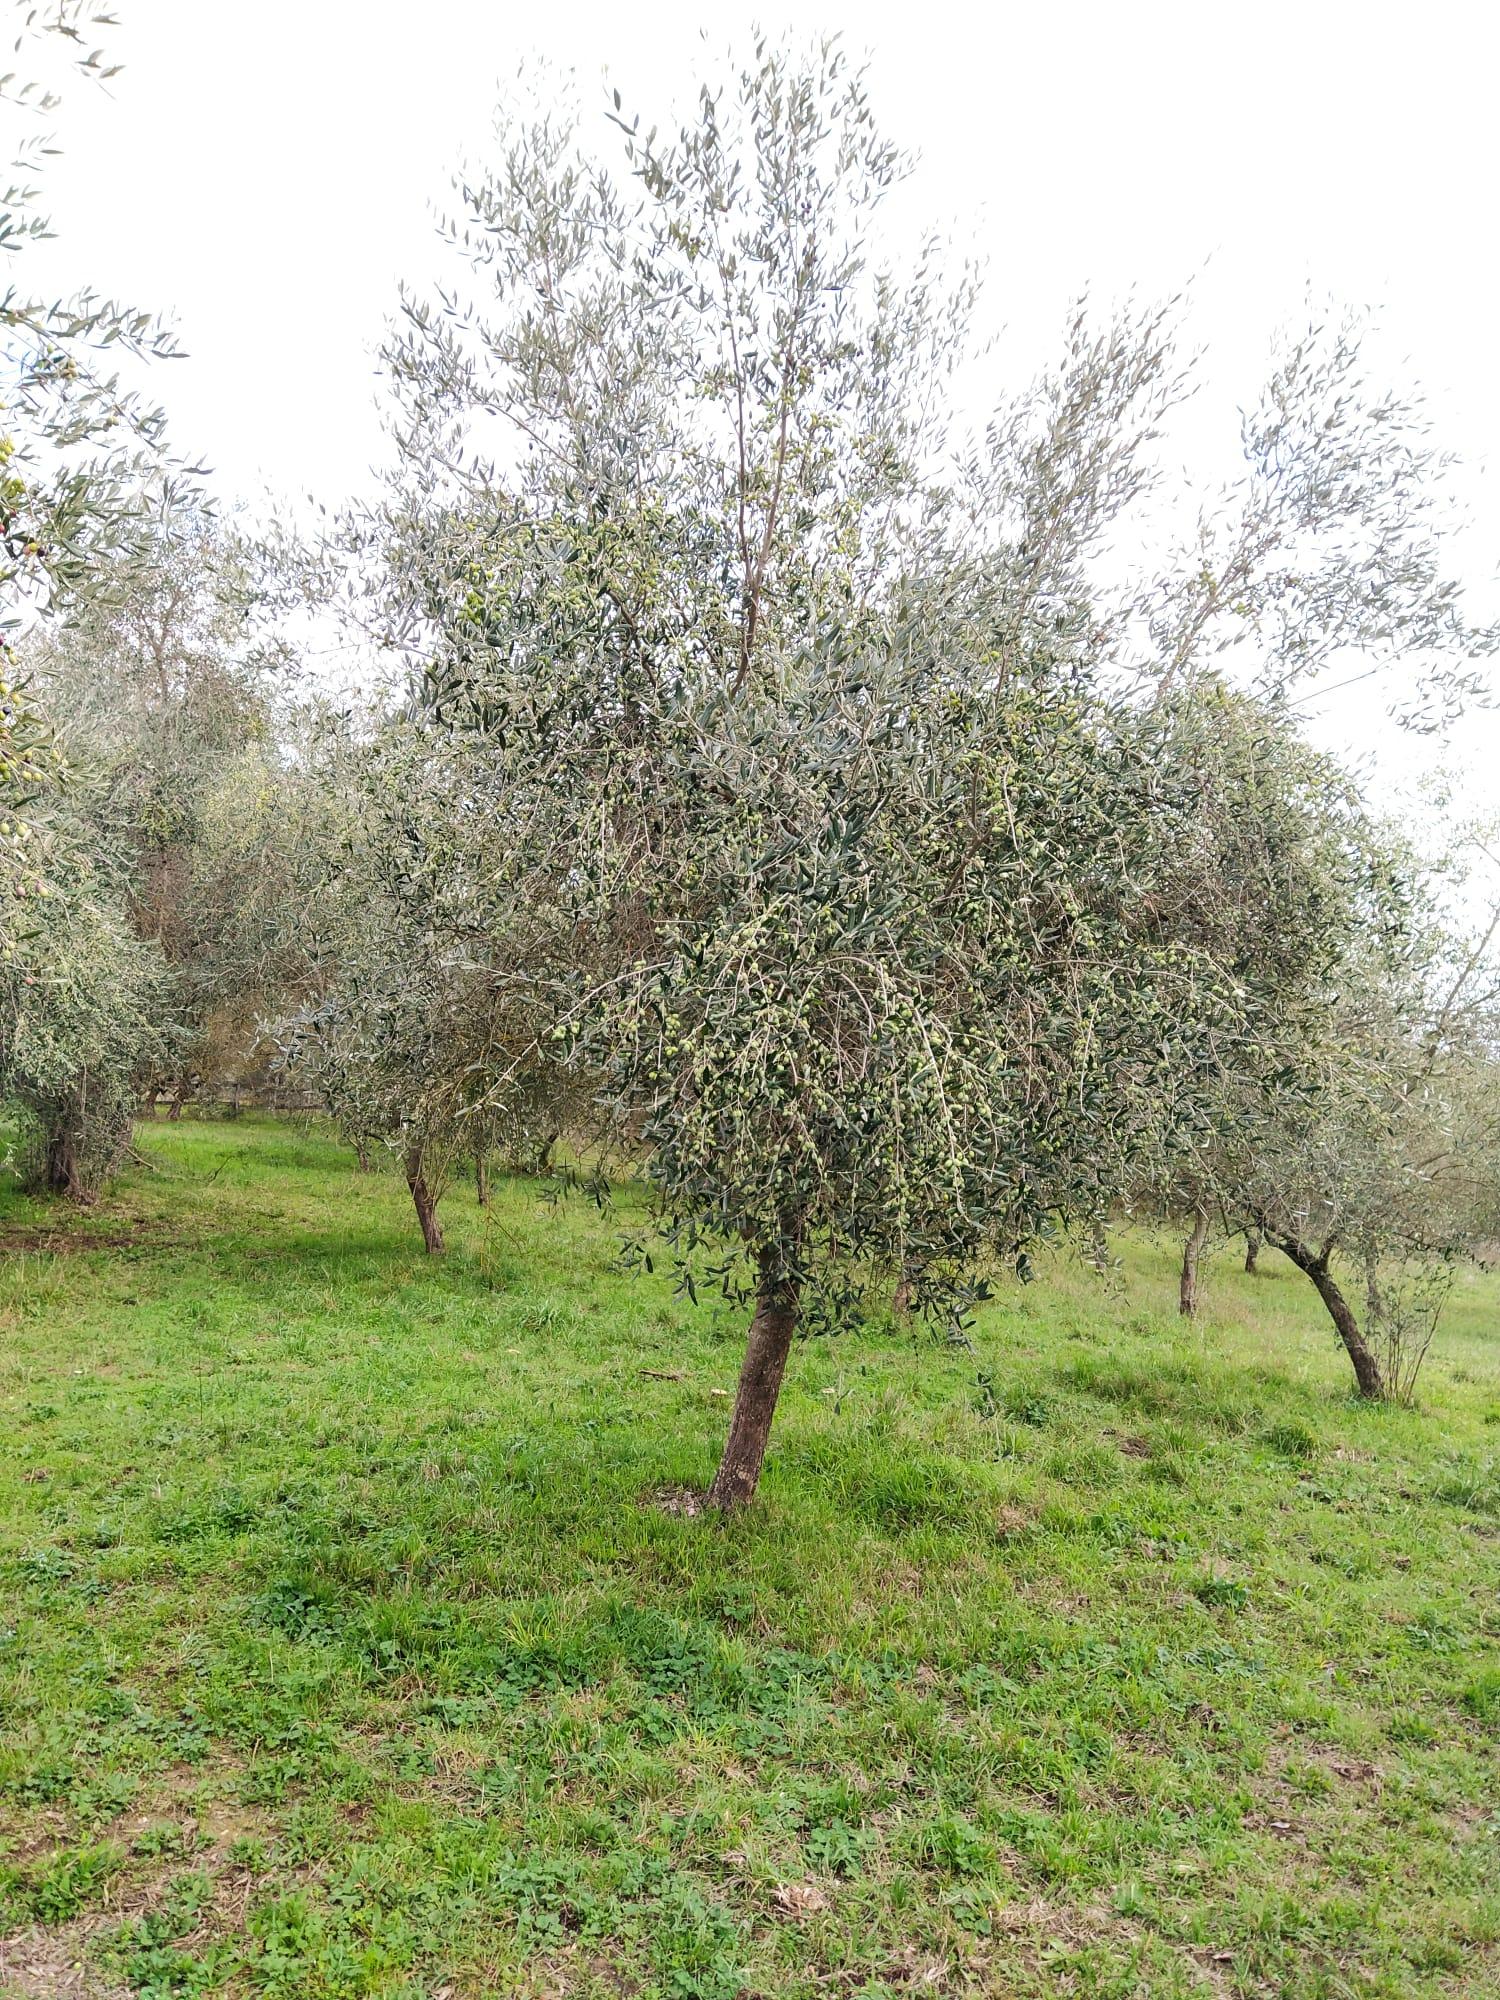 Le tradizioni olivicole toscane da salvaguardare